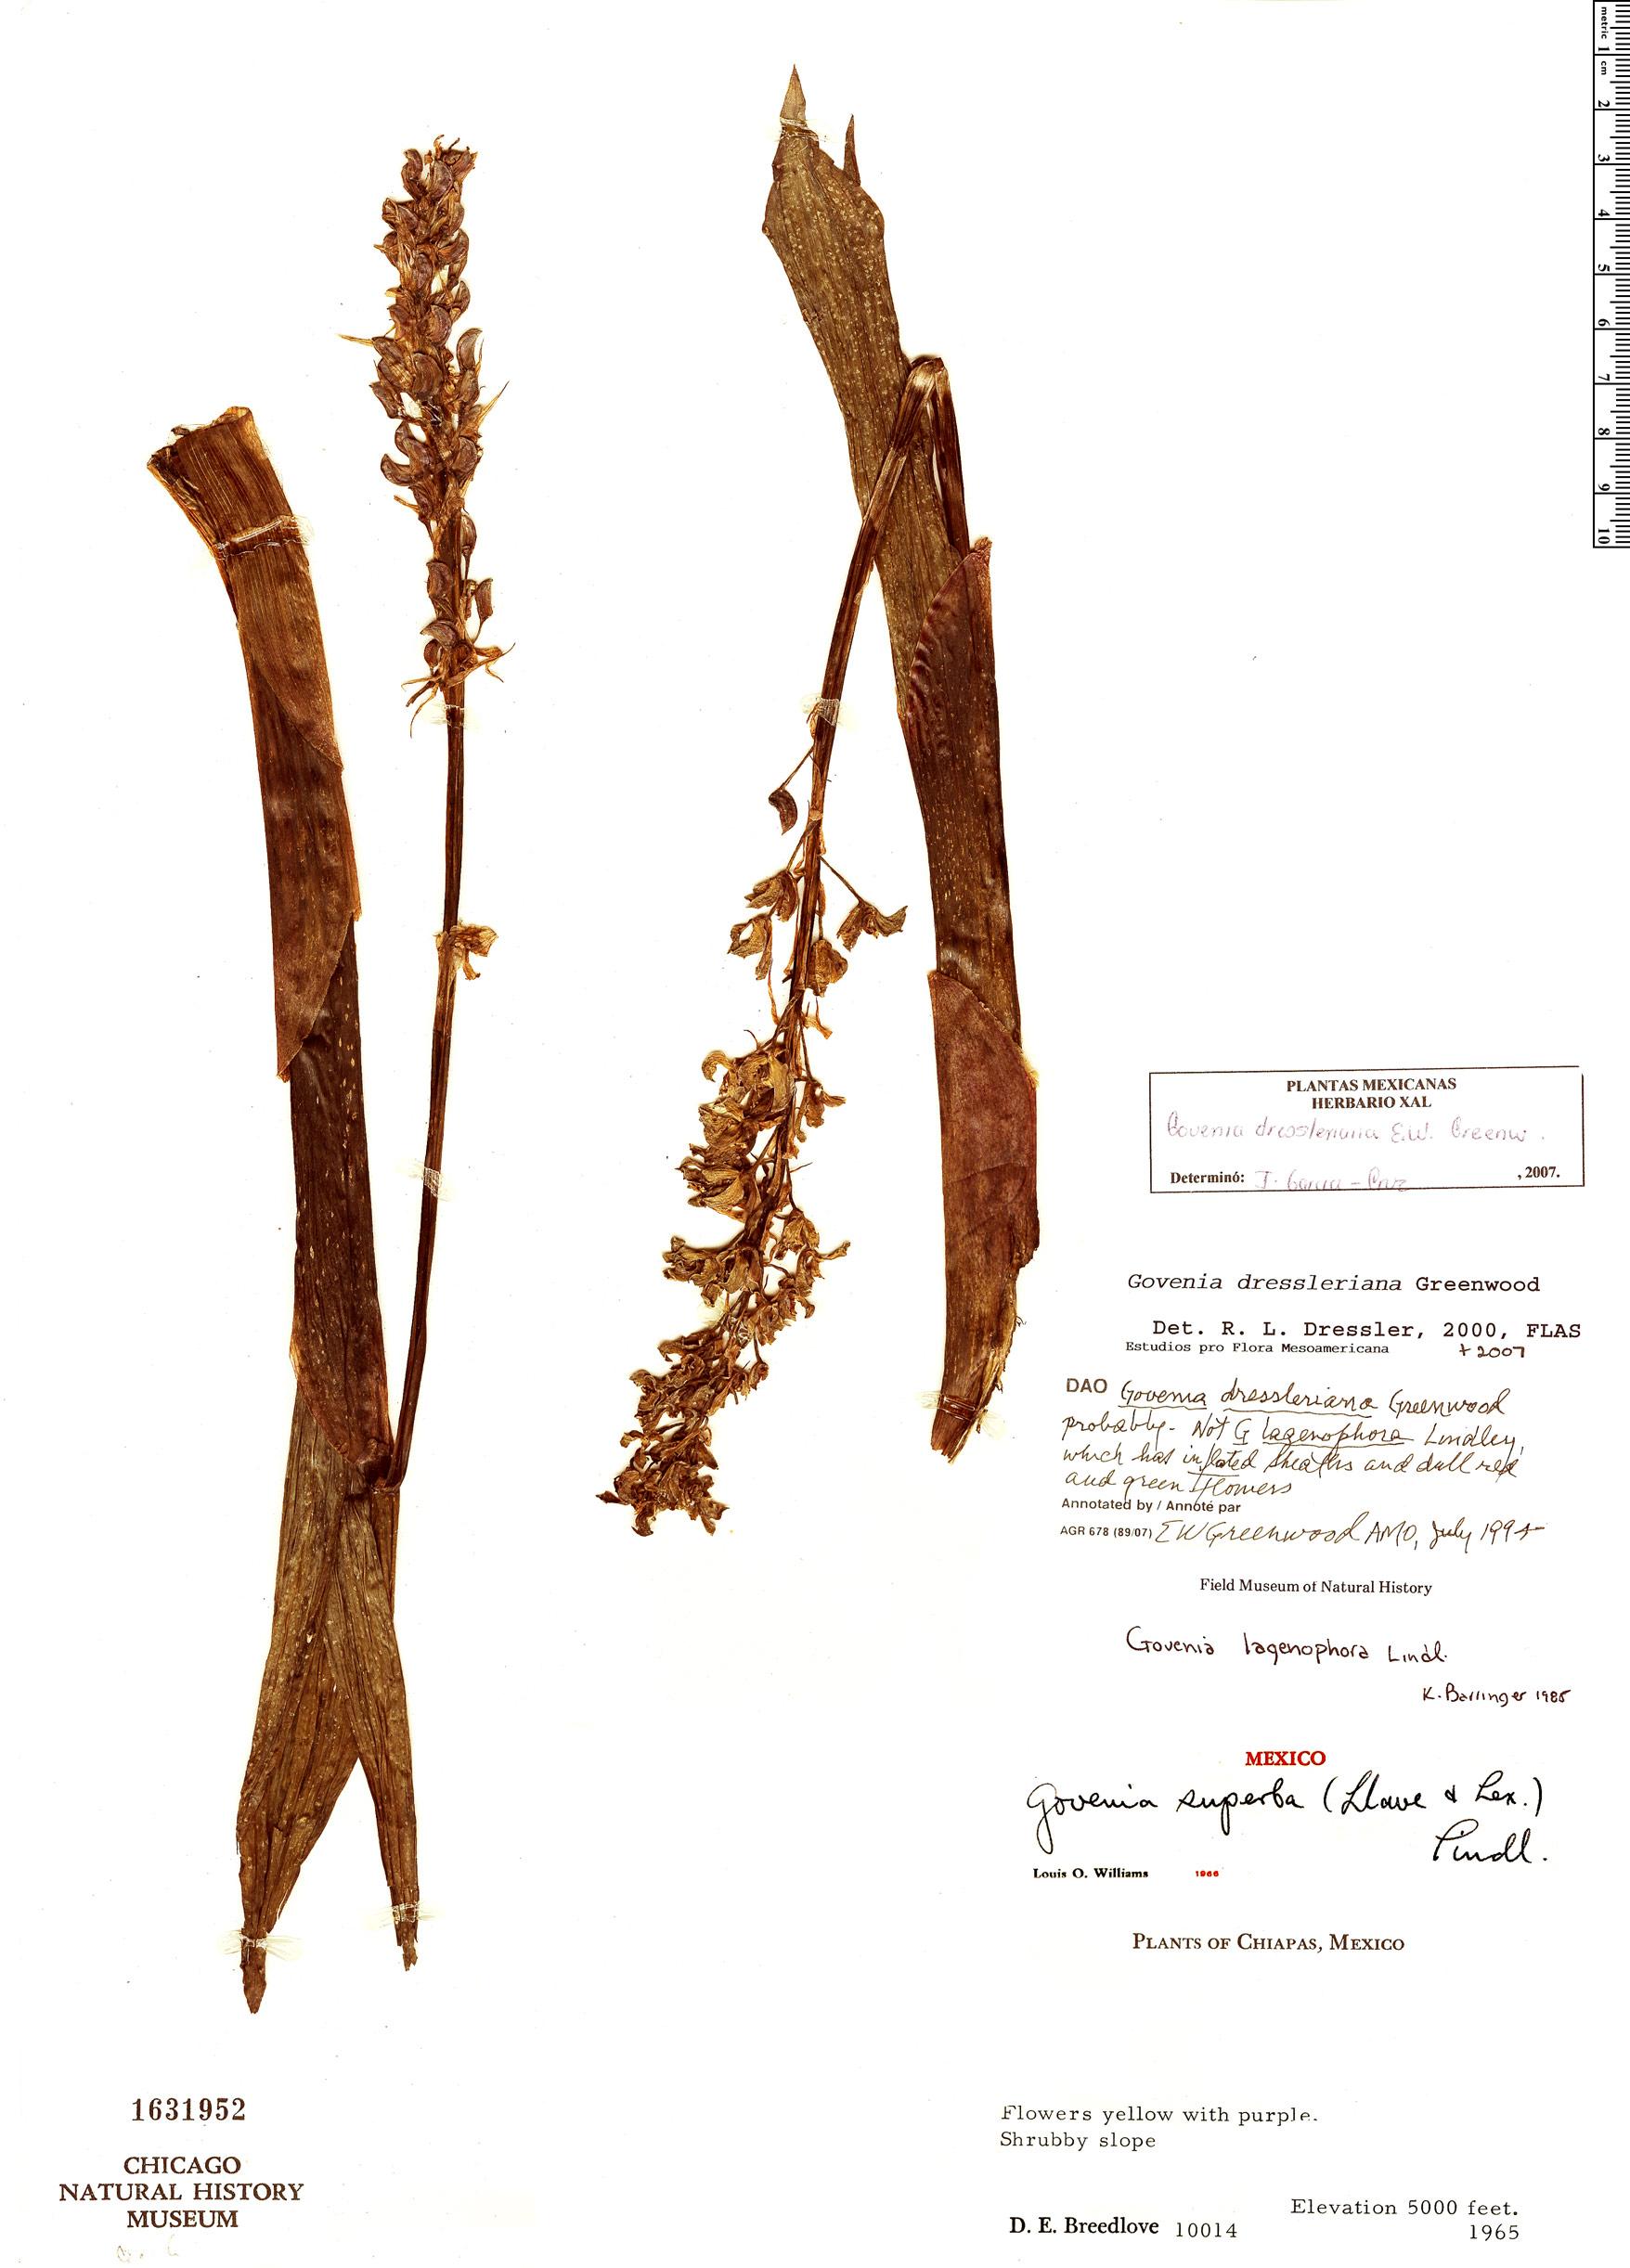 Specimen: Govenia dressleriana